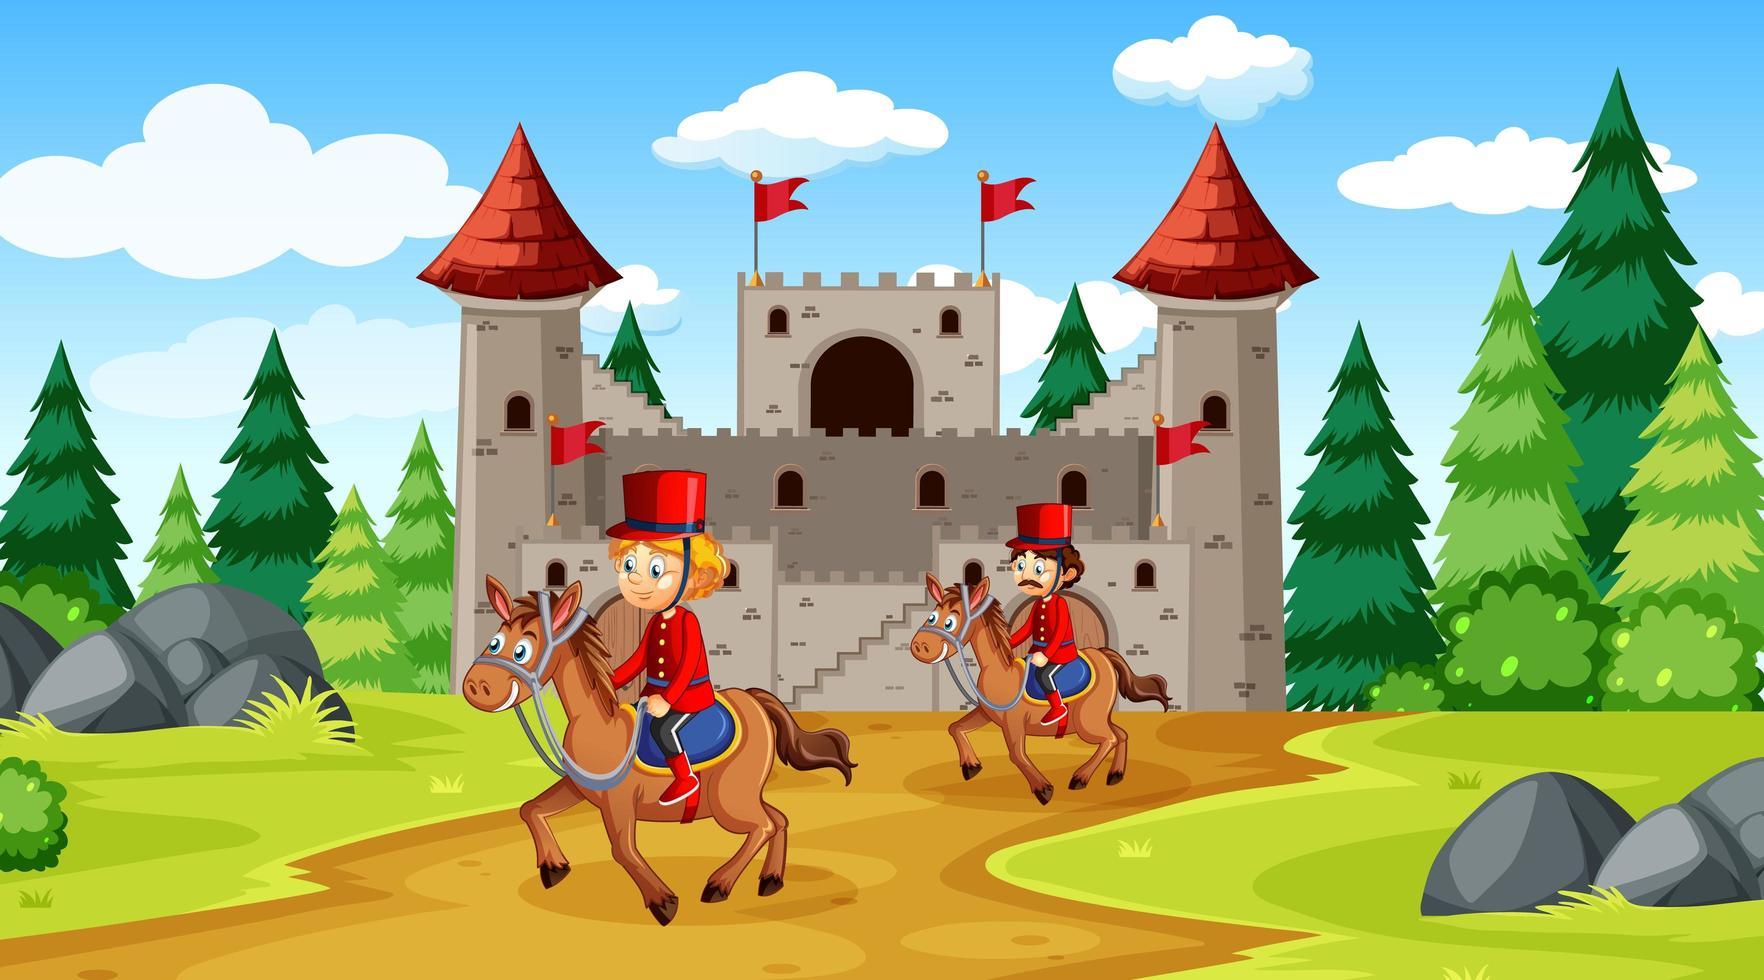 sprookjesachtige scène met kasteel en soldaat koninklijke wachtscène vector